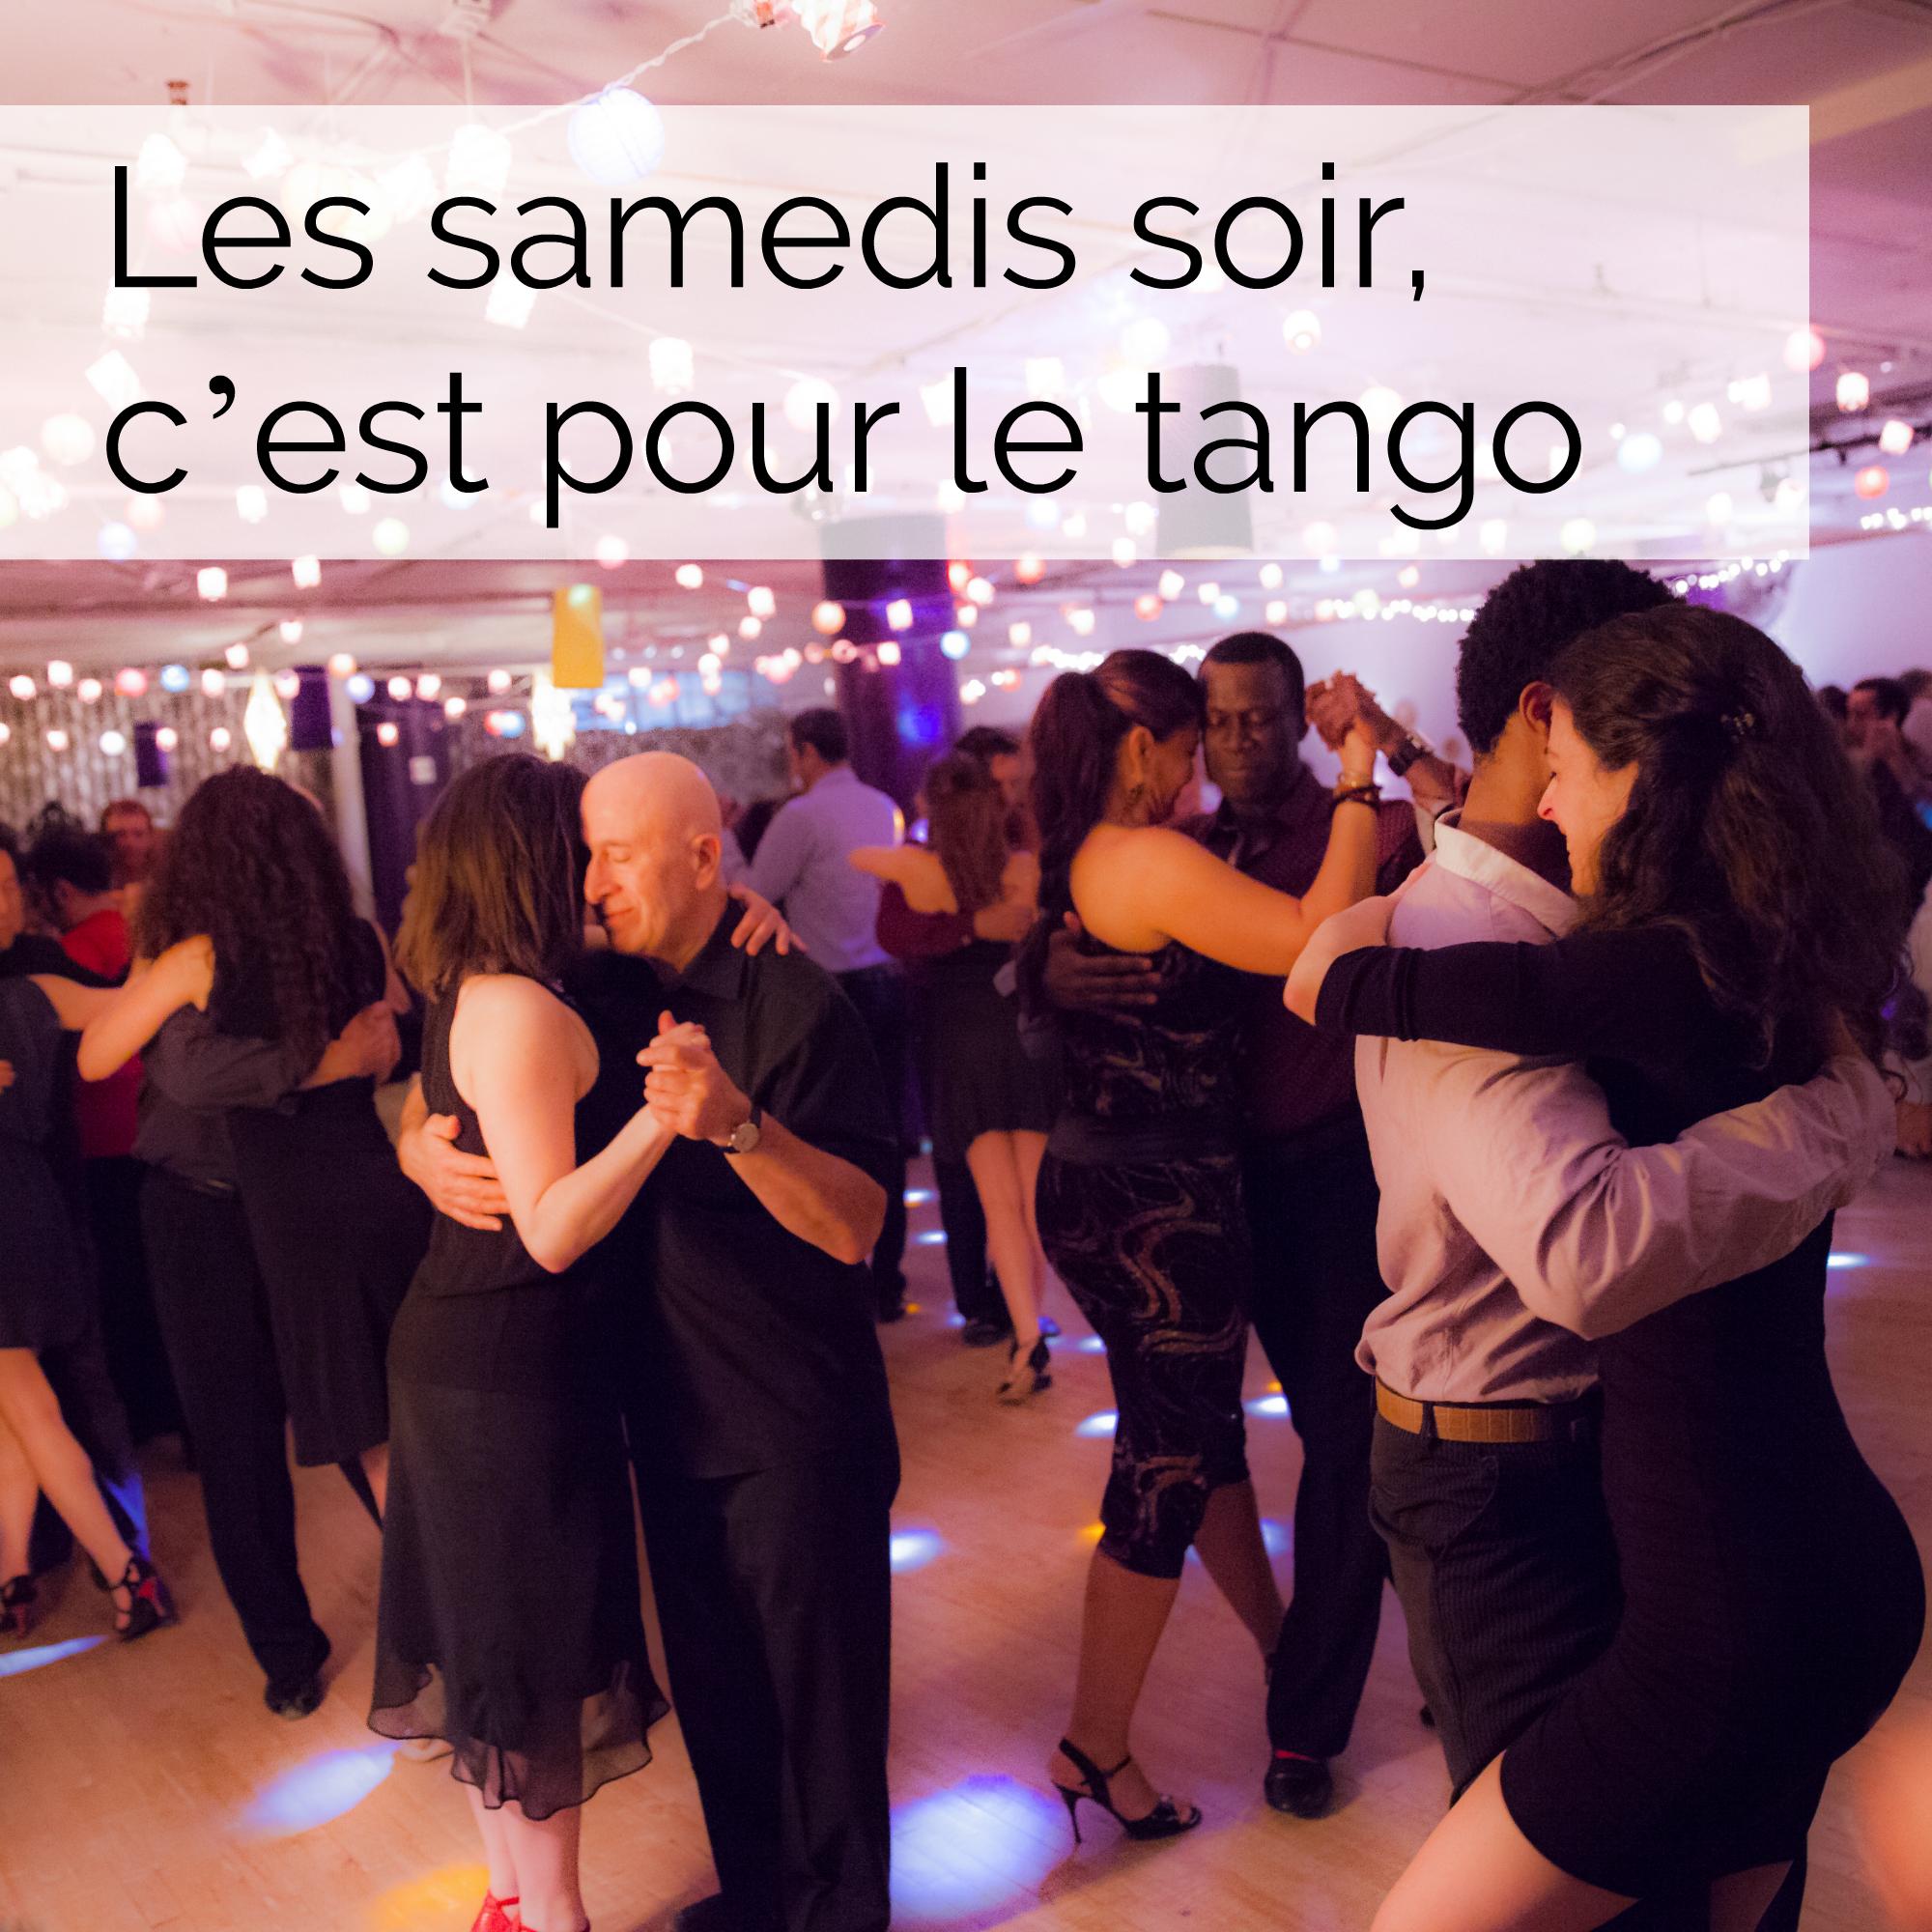 CHAQUE SAMEDI SOIR DE21 H 30 à 3 H - Le prix d'entrée est de 13 $ à la porte (taxes incluses) (sauf lors d'événements spéciaux)Festif et joyeux, c'est le meilleur endroit où danser!Assistance moyenne : 115 personnes